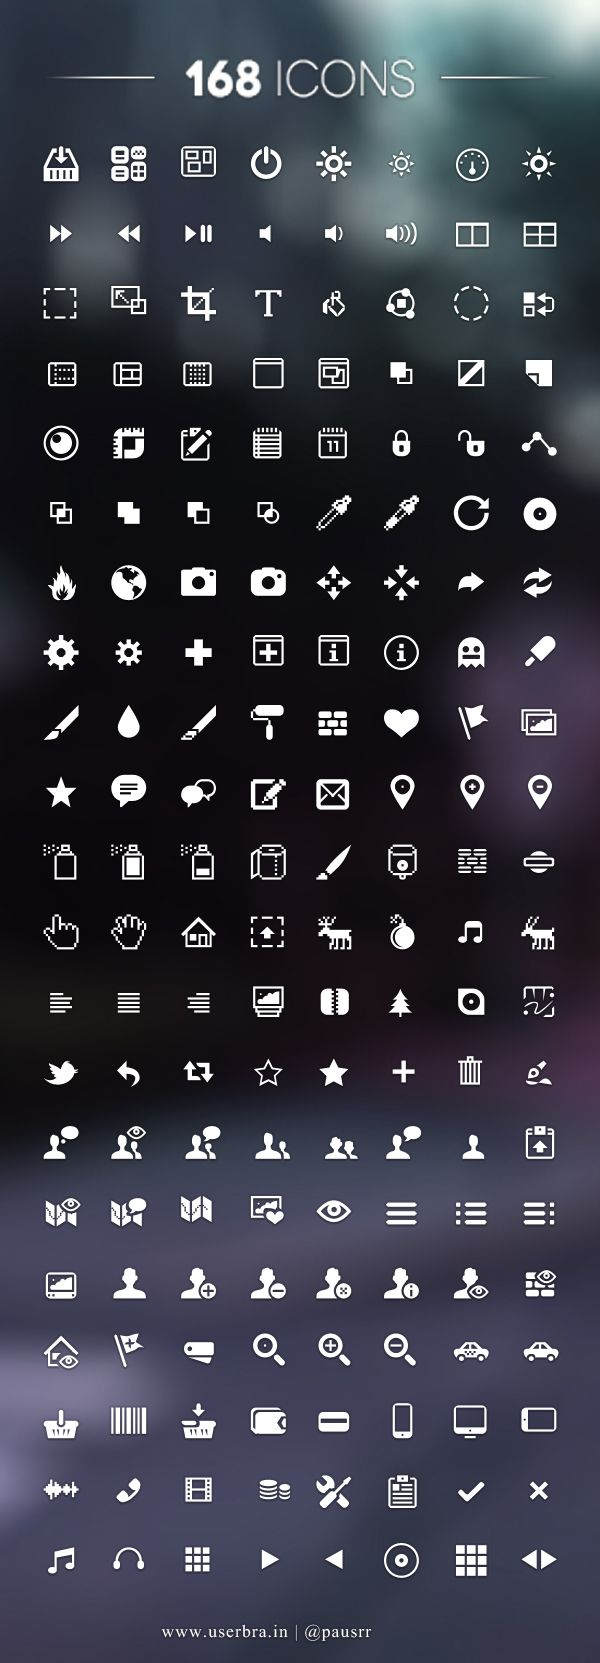 168 Free UI Icons